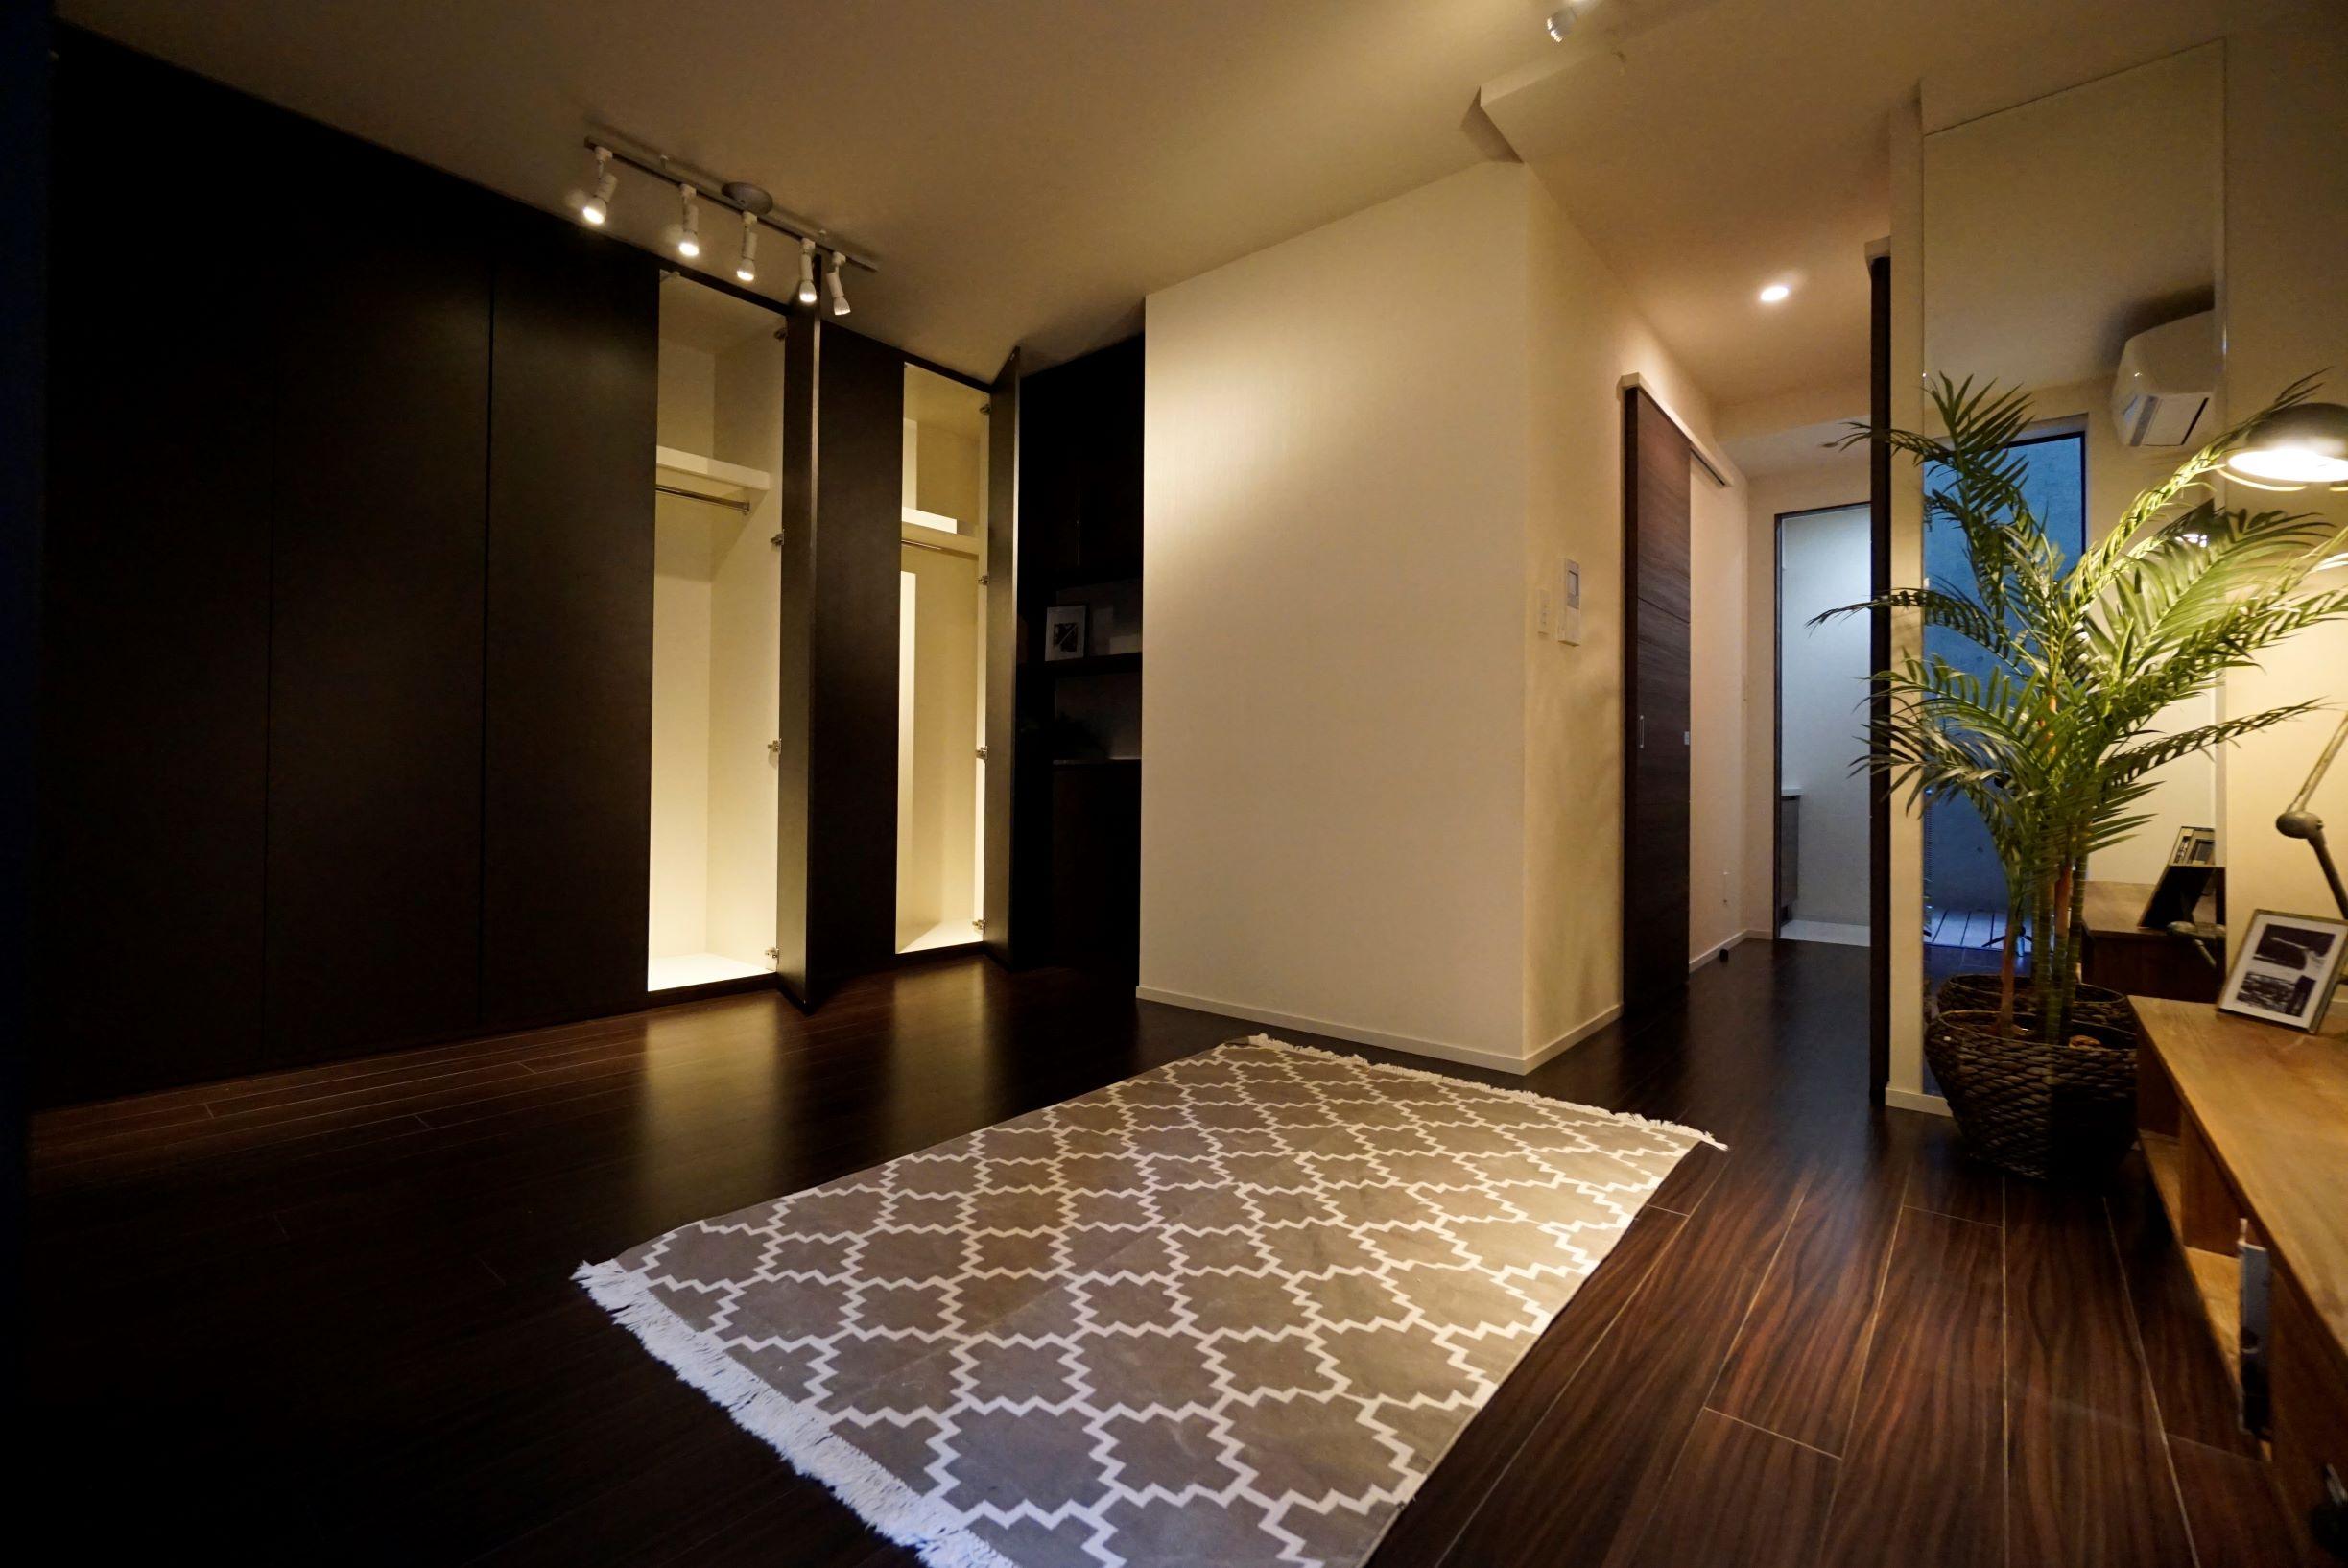 主寝室は落ち着いたカラーの幅広フローリング(2019年6月撮影) イメージ